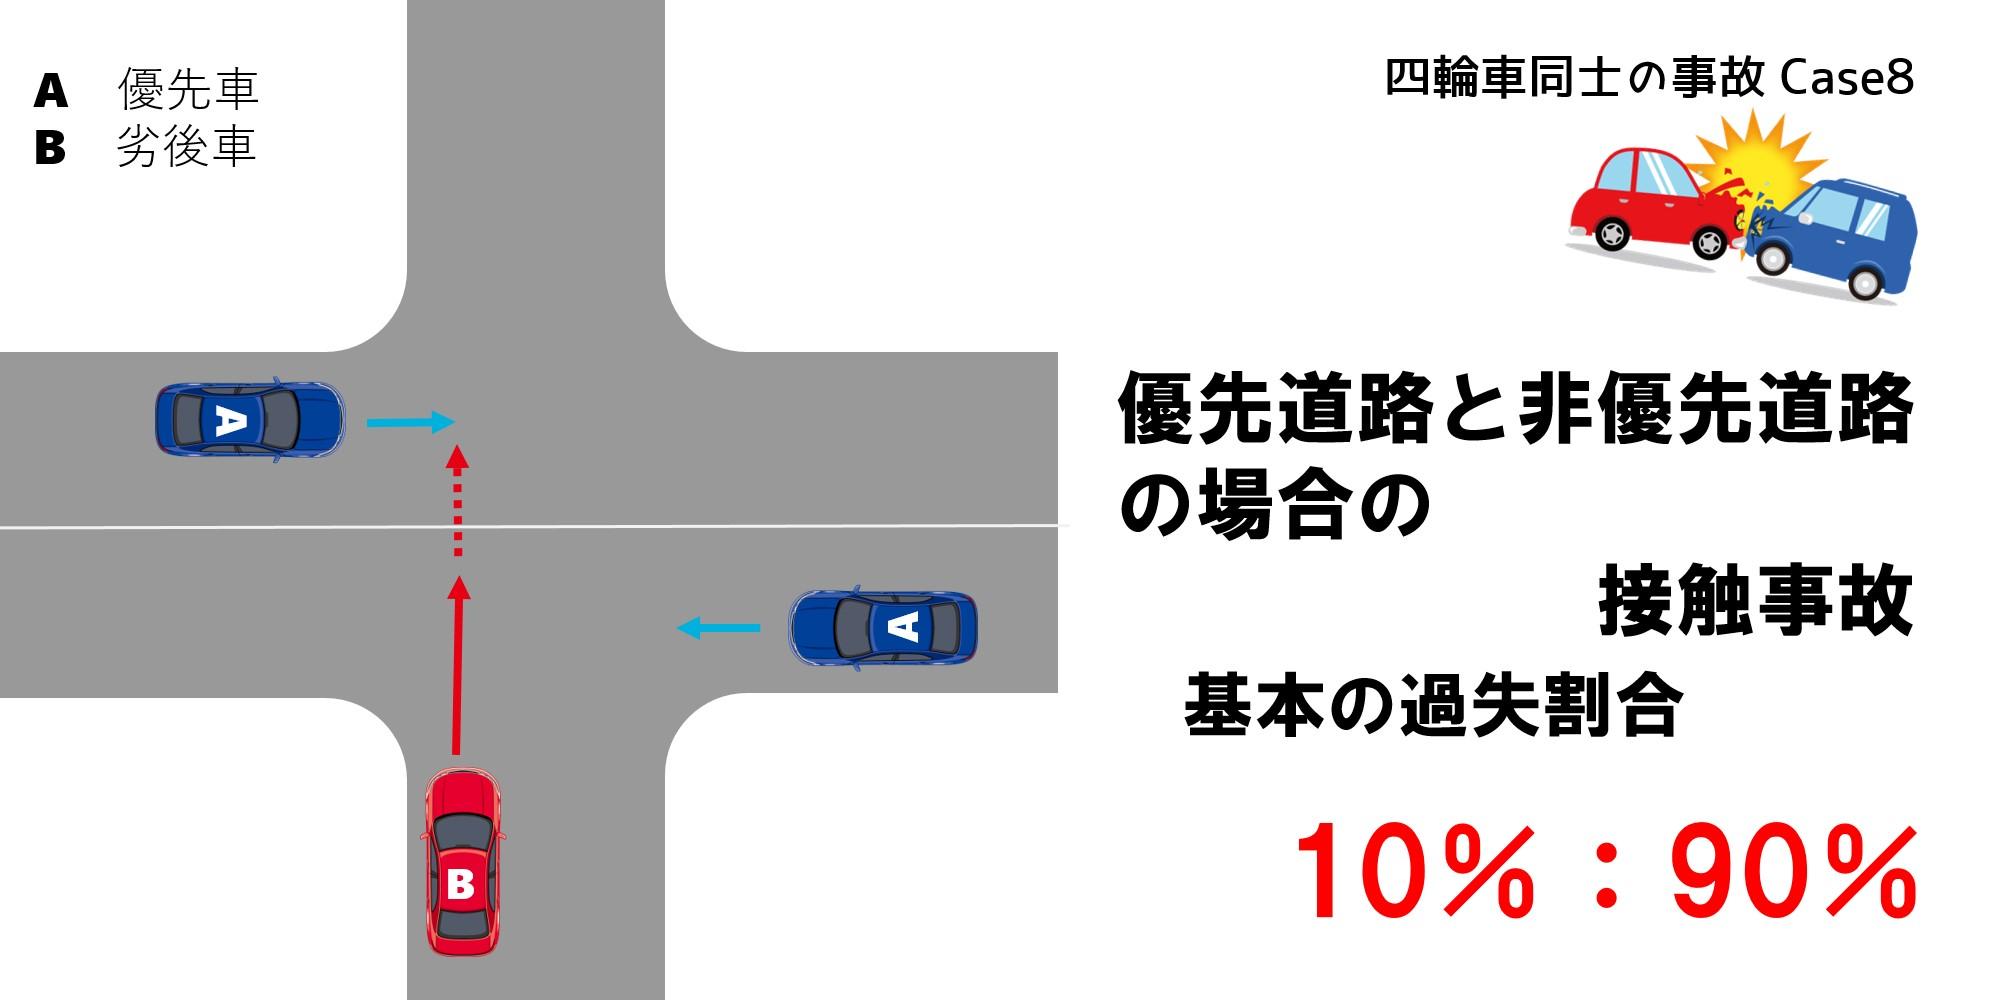 優先車と非優先車の接触事故における過失割合